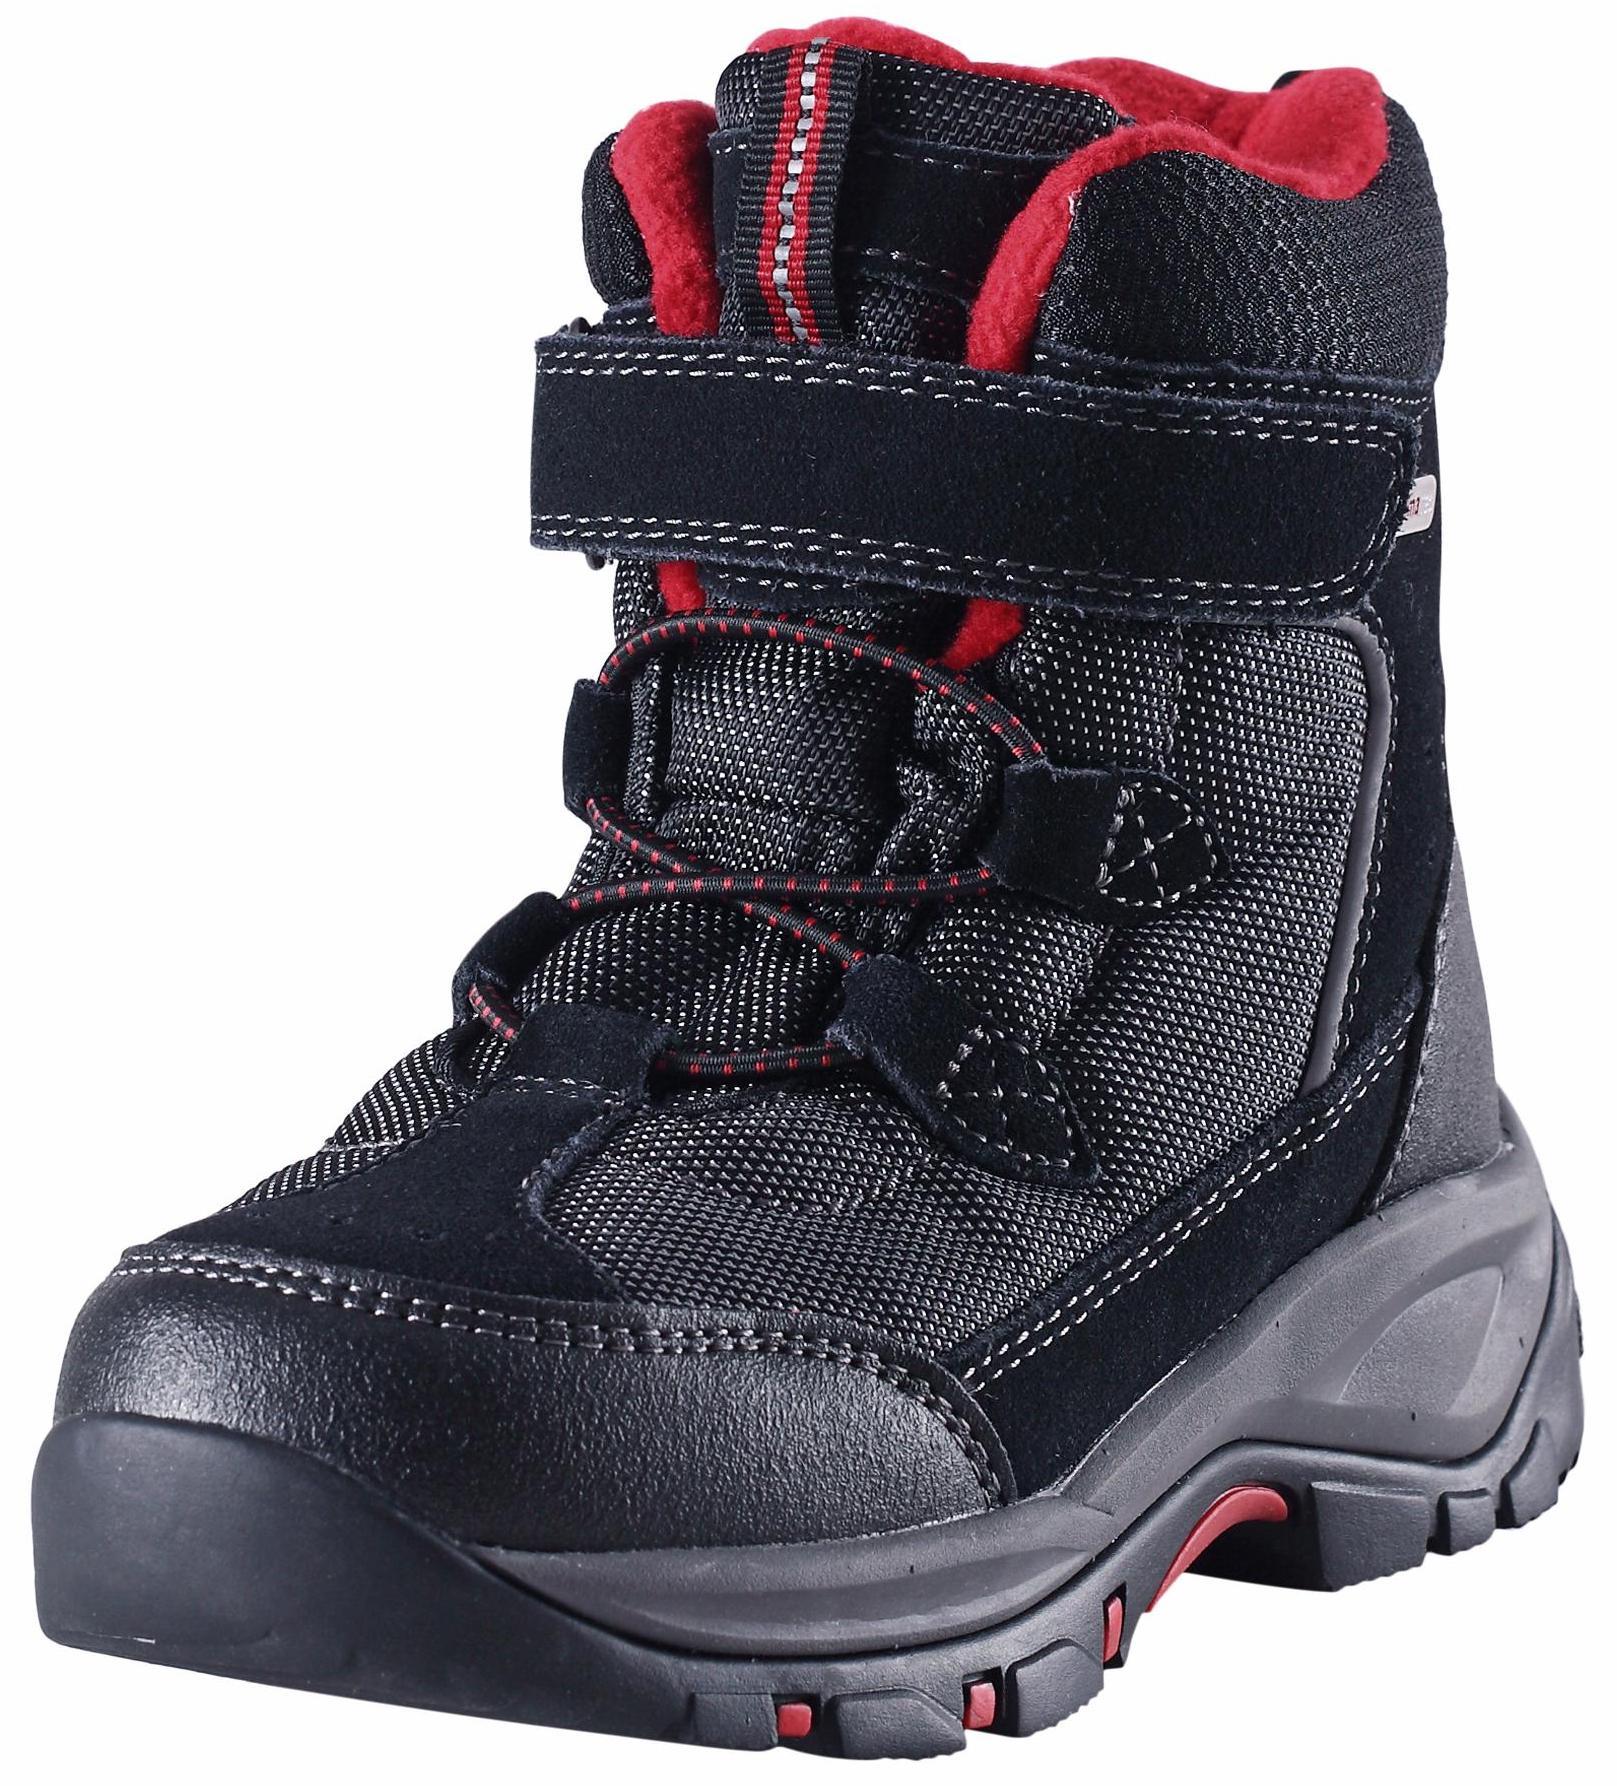 Купить Ботинки городские (высокие) Reima 2016-17 DENNY ЧЕРНЫЙ, Обувь для города, 1273953